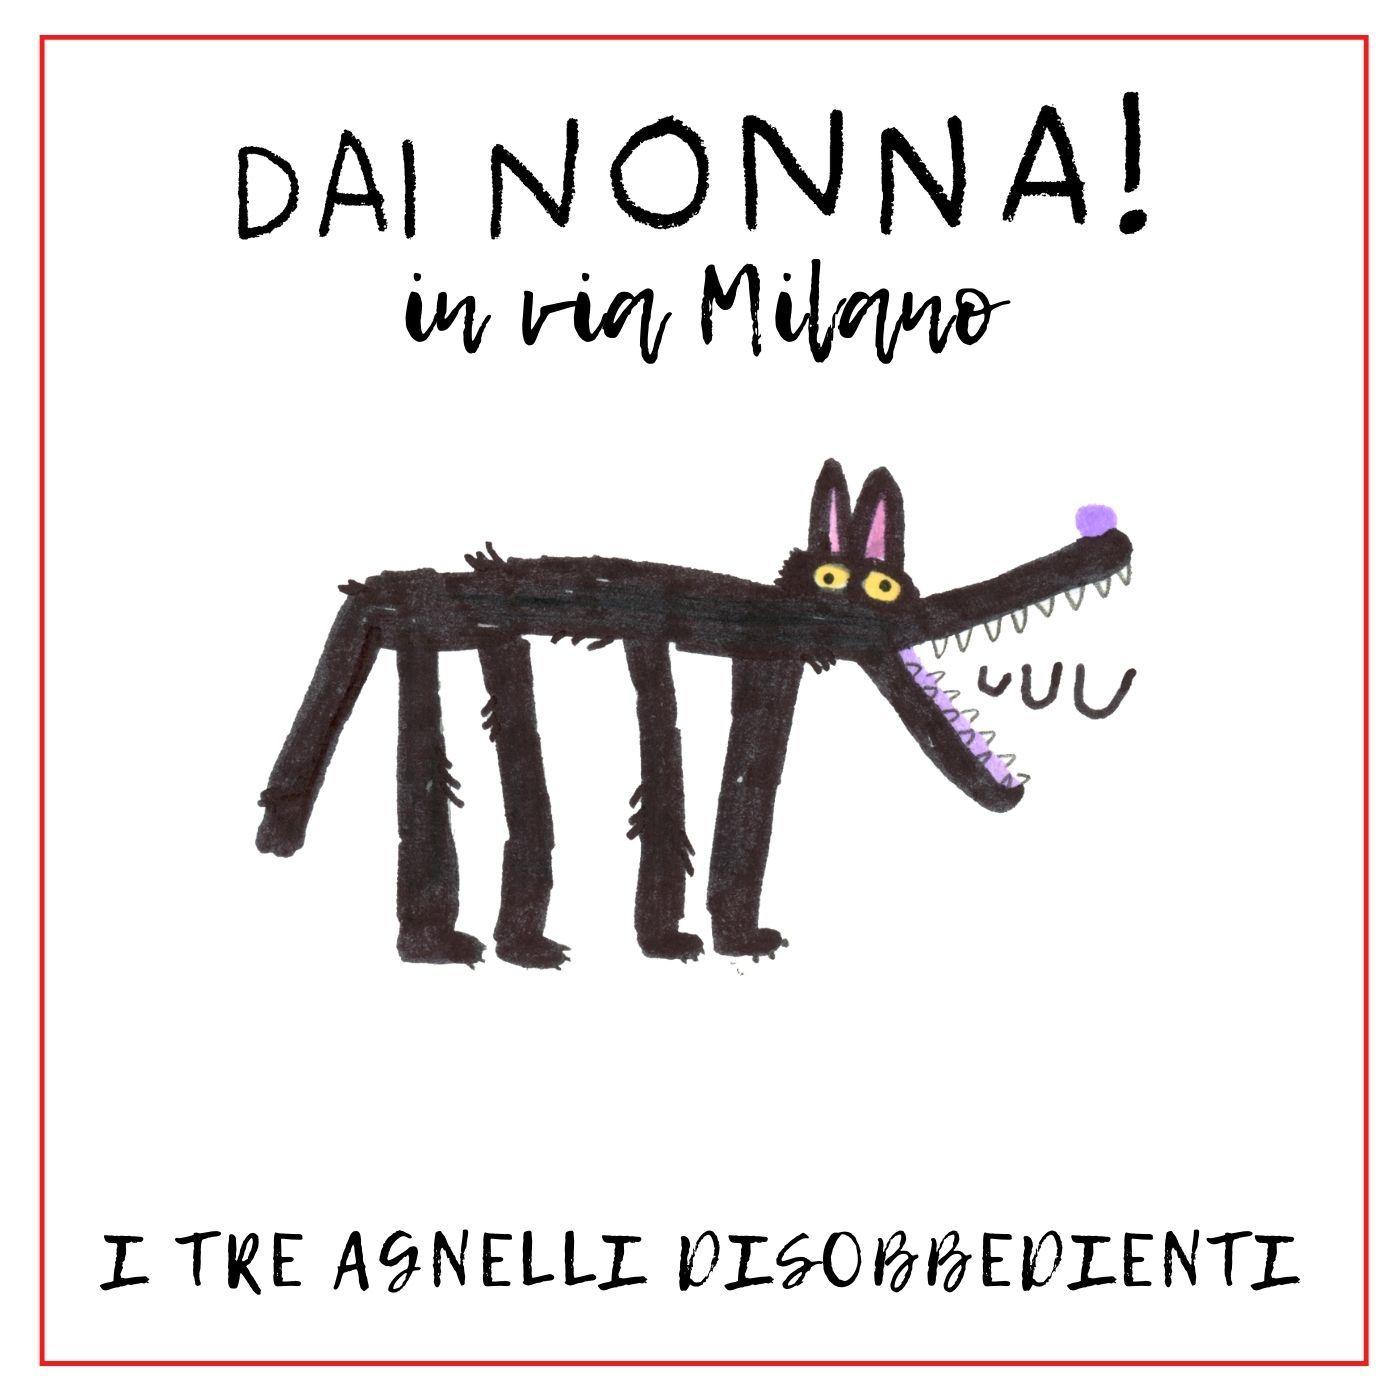 I tre agnelli disobbedienti - DN in via Milano